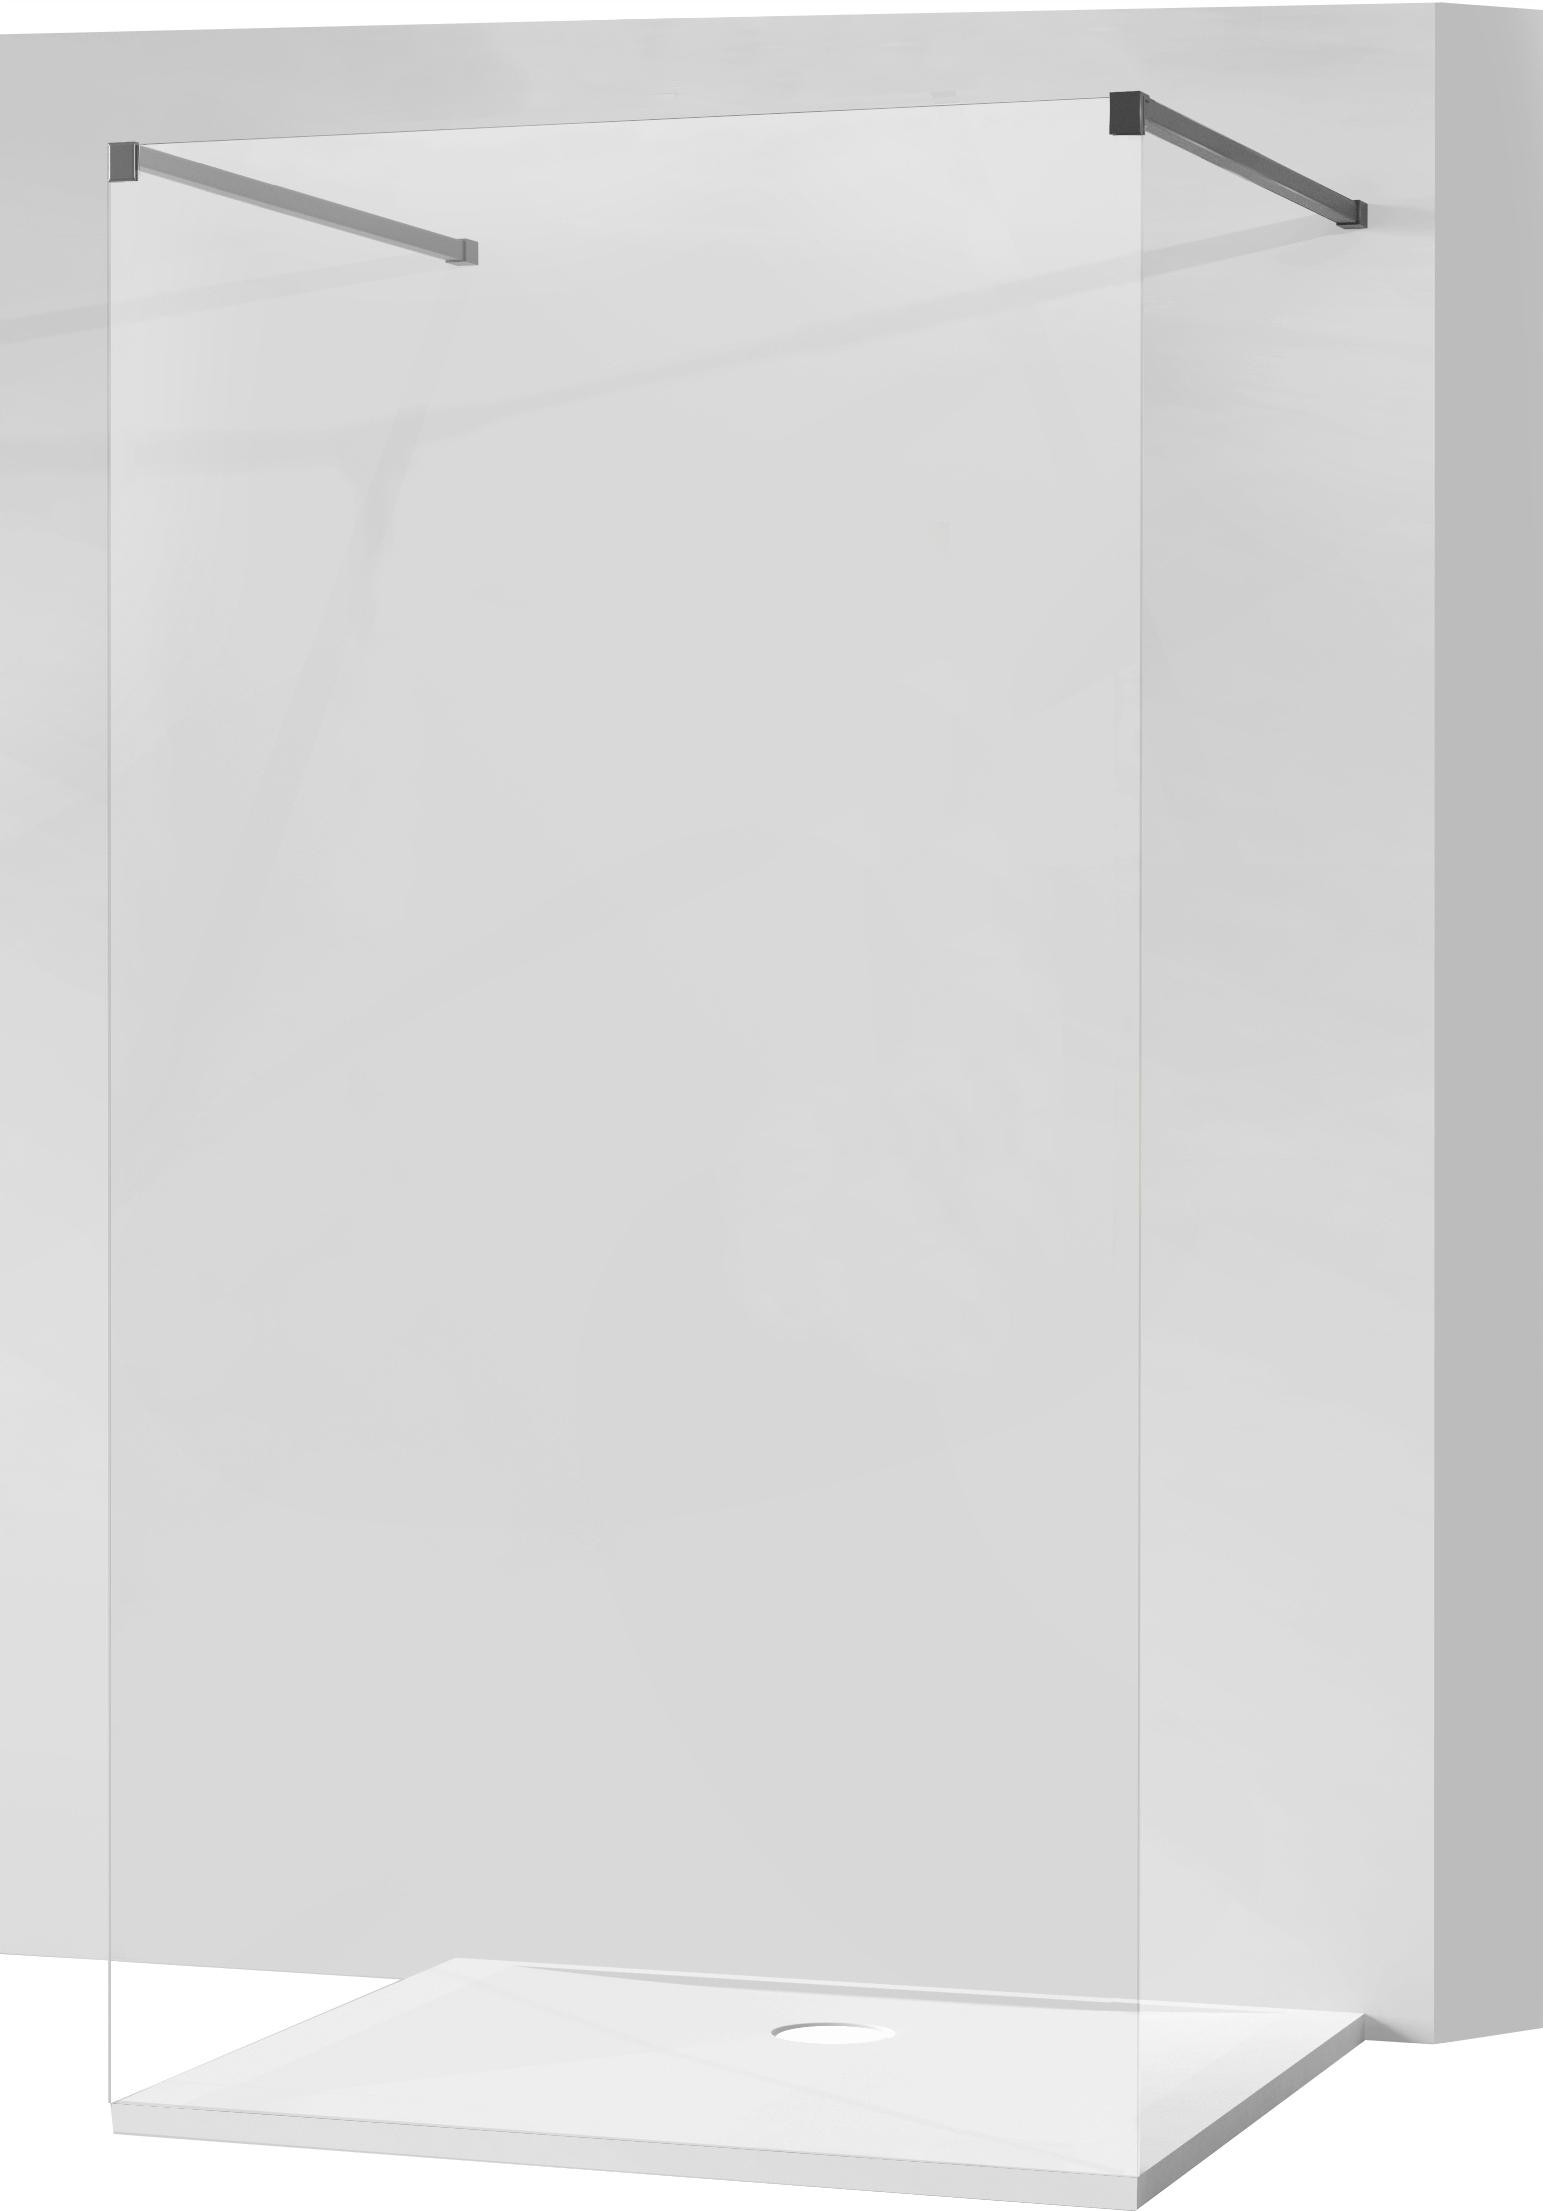 MEXEN KIOTO SPRCHOVÁ STENA 160x200 8mm sklo